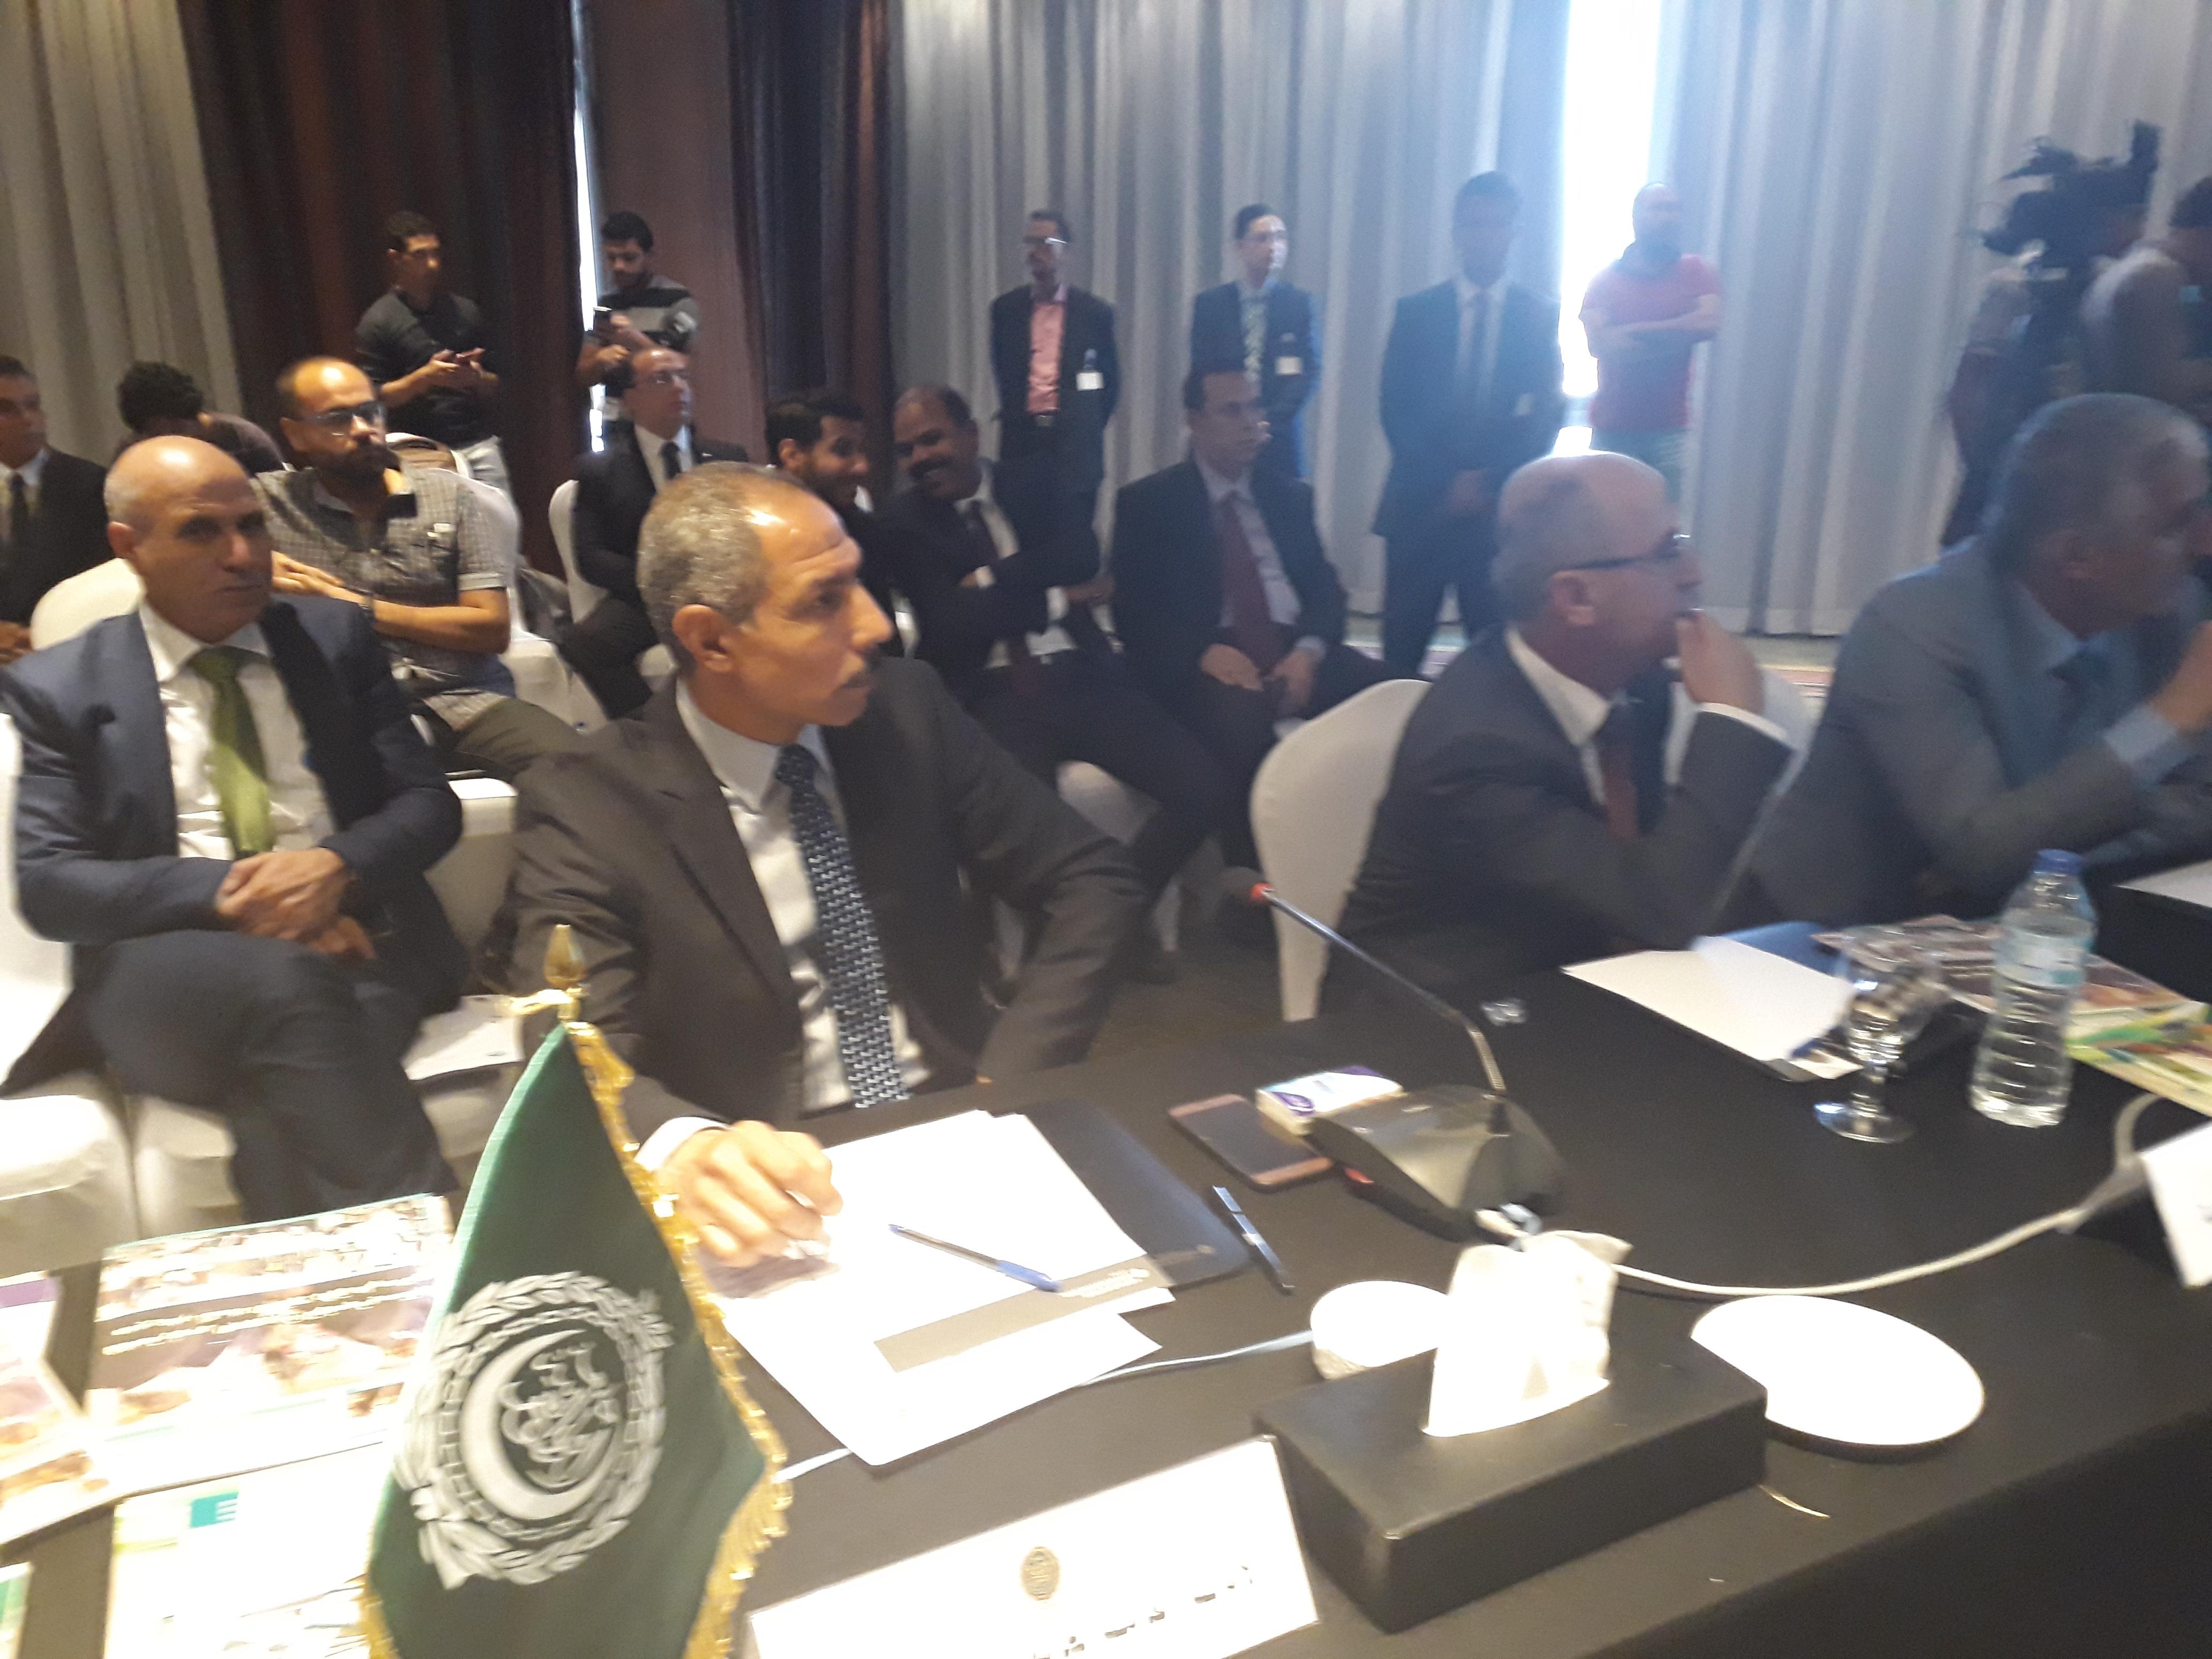 الدورة 34 للجمعية العمومية للمركز العربي لدراسات المناطق الجافة والأراضي القاحلة أكساد (4)